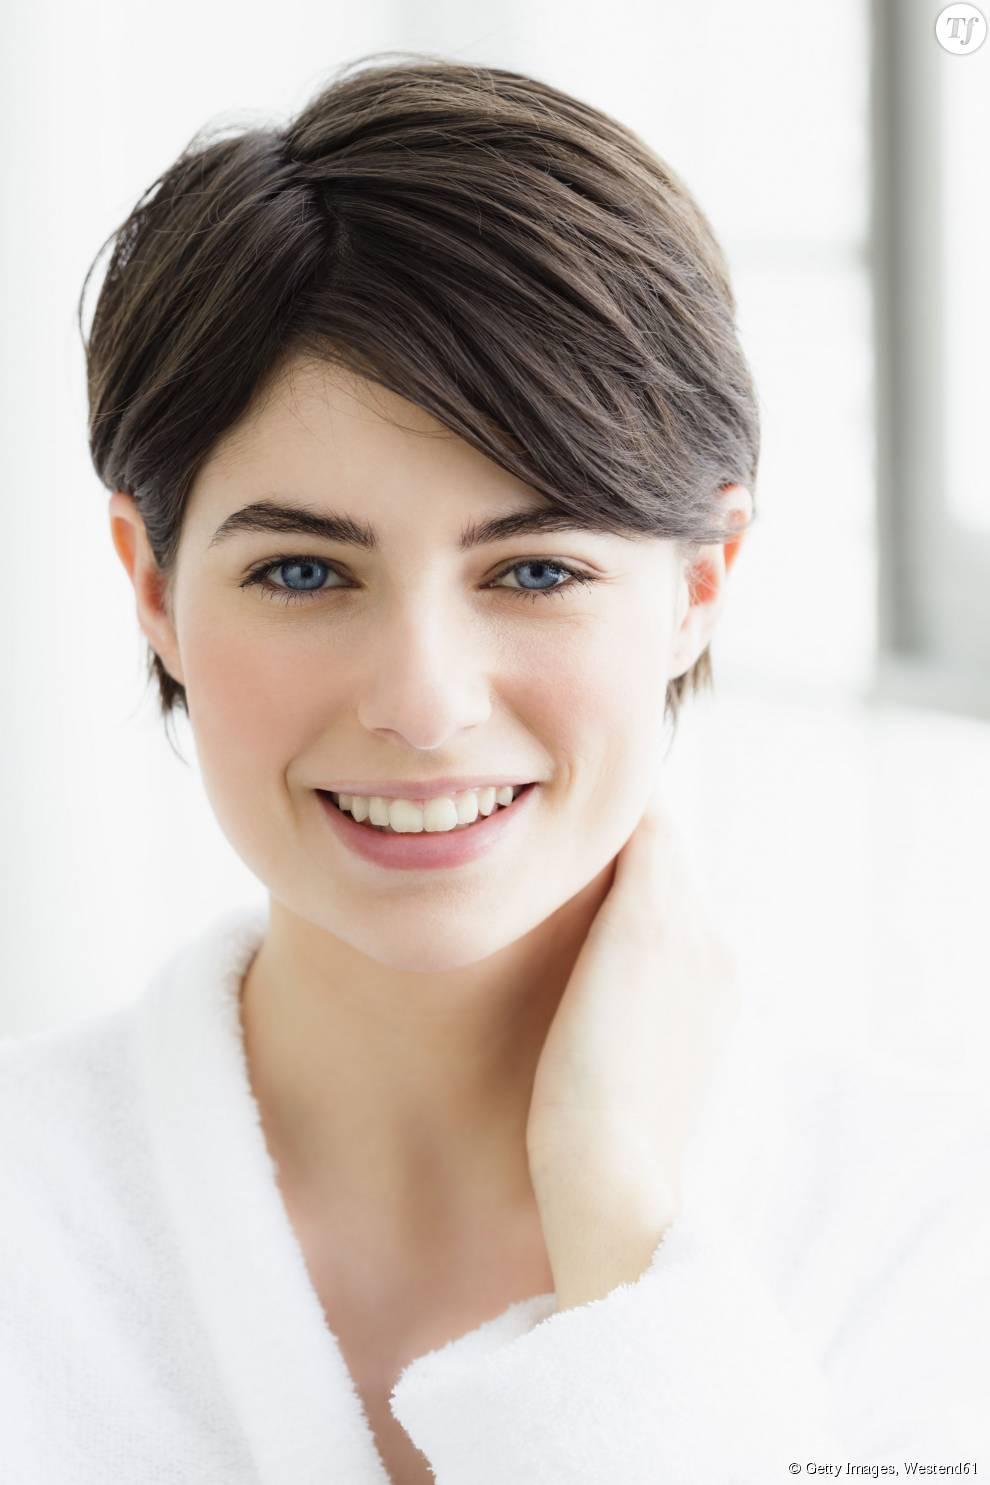 p>5 coupes de cheveux pour affiner votre visage &#8211; La coupe courte</